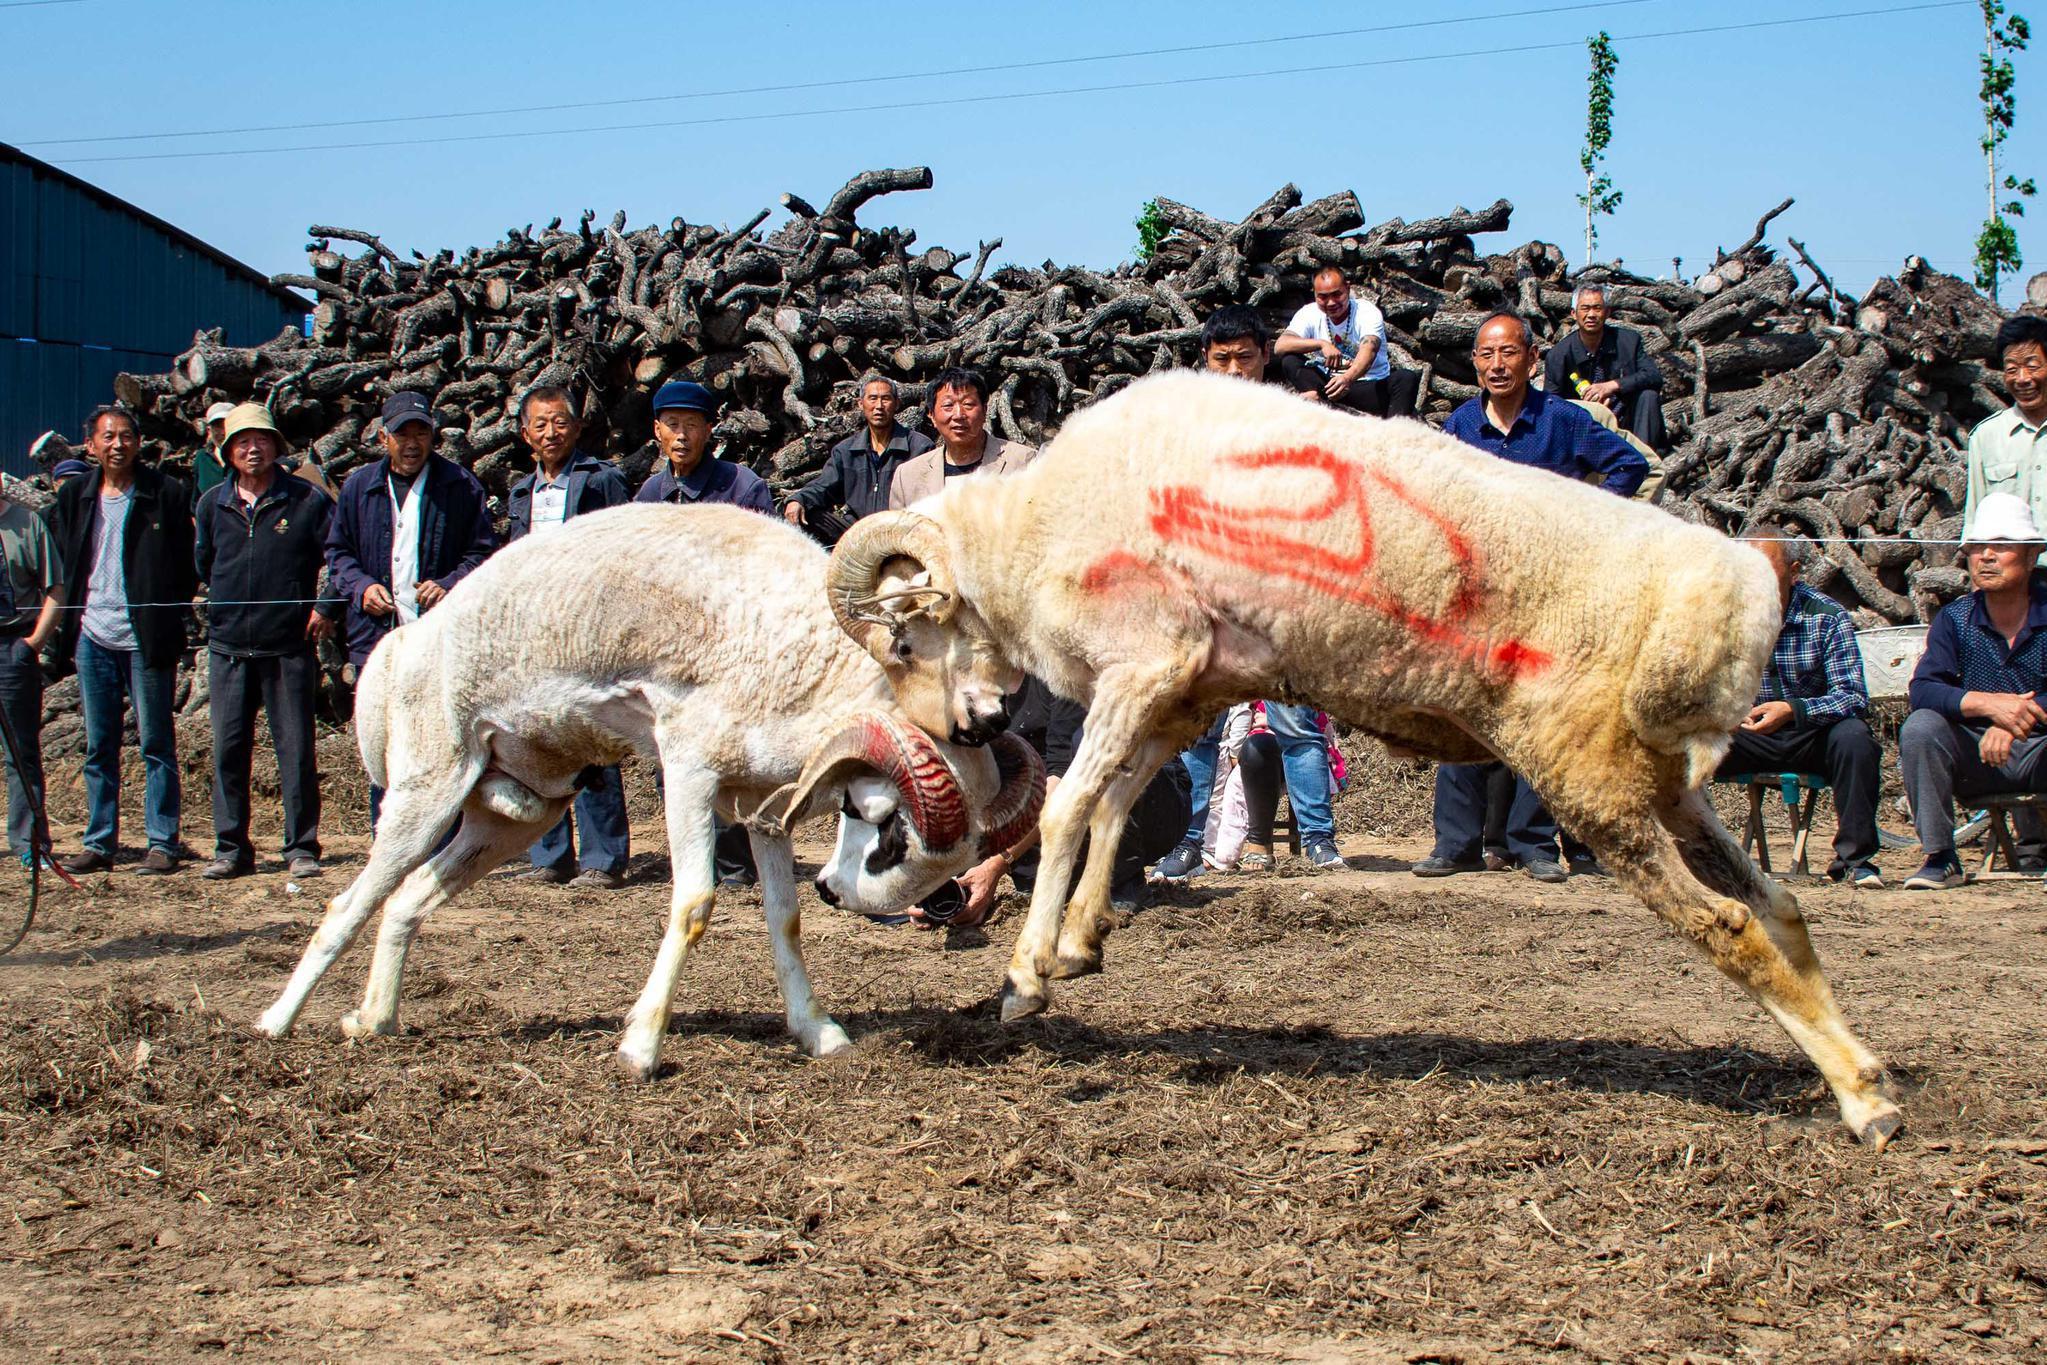 颅骨差点撞碎!豫北农村斗羊比赛,场面凶悍,千人围观,交易繁忙